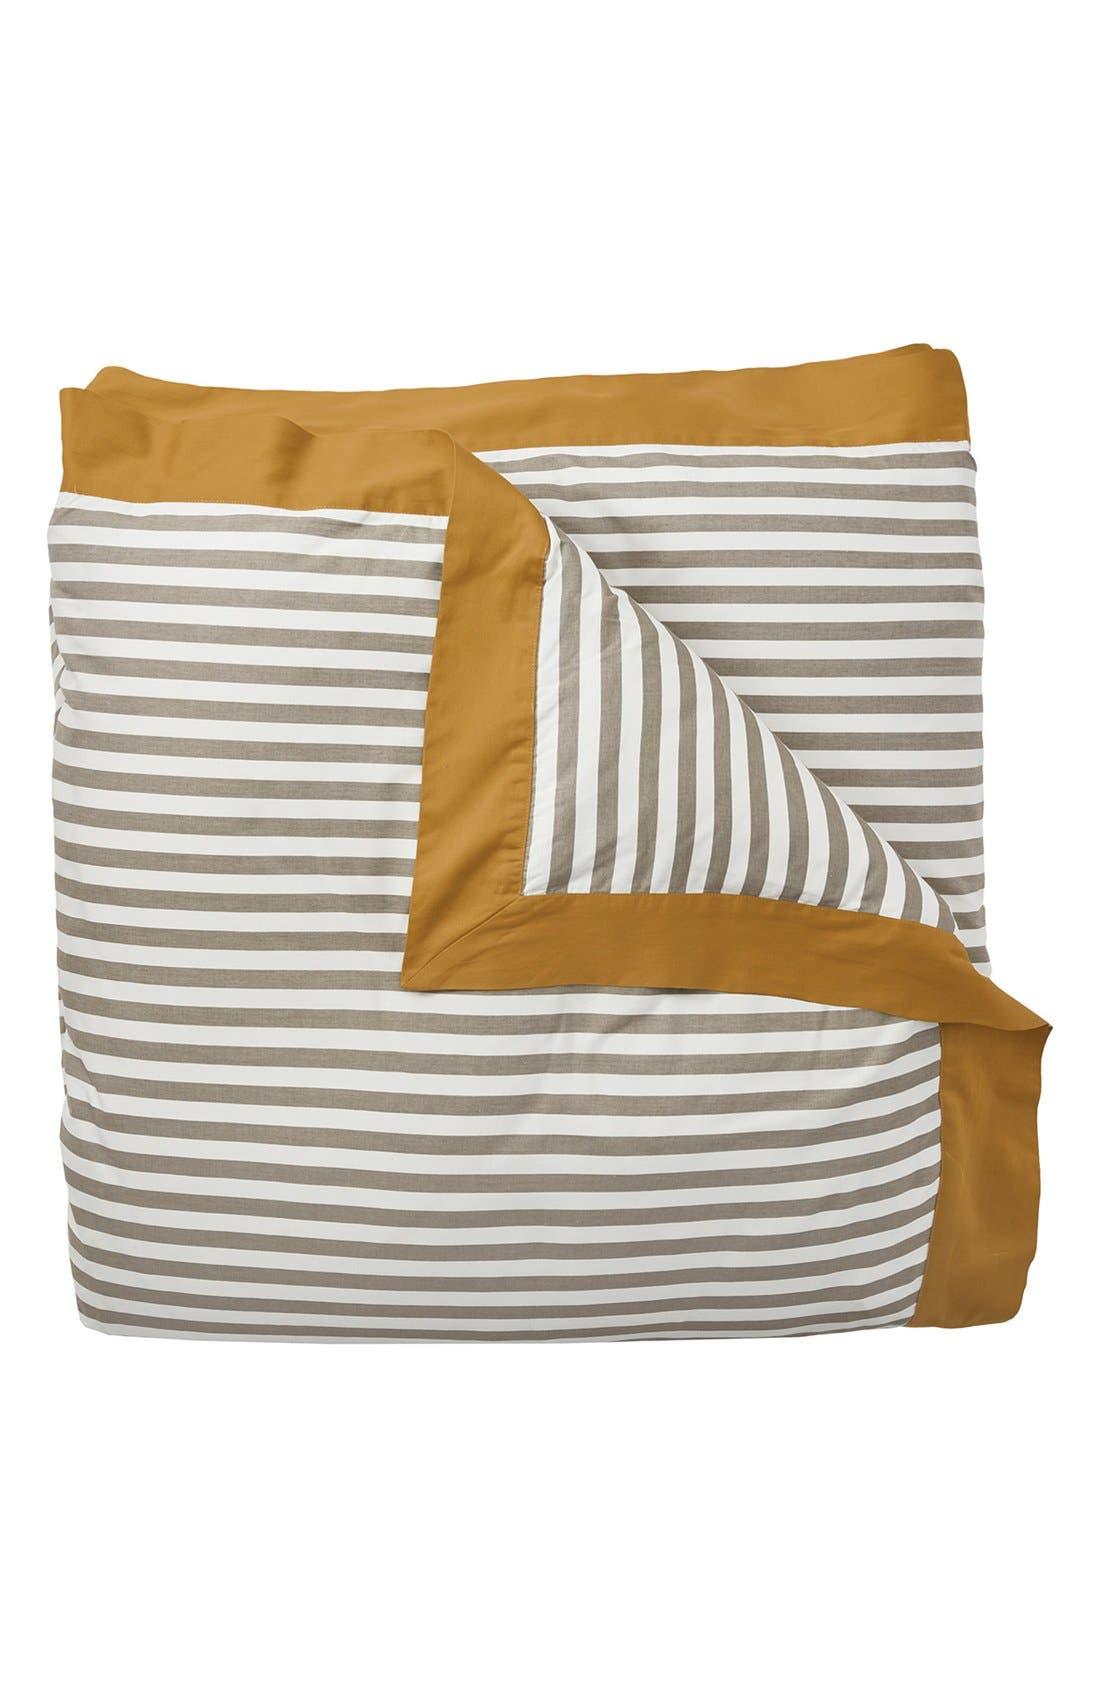 Alternate Image 2  - DwellStudio 'Draper Stripe' Duvet Cover